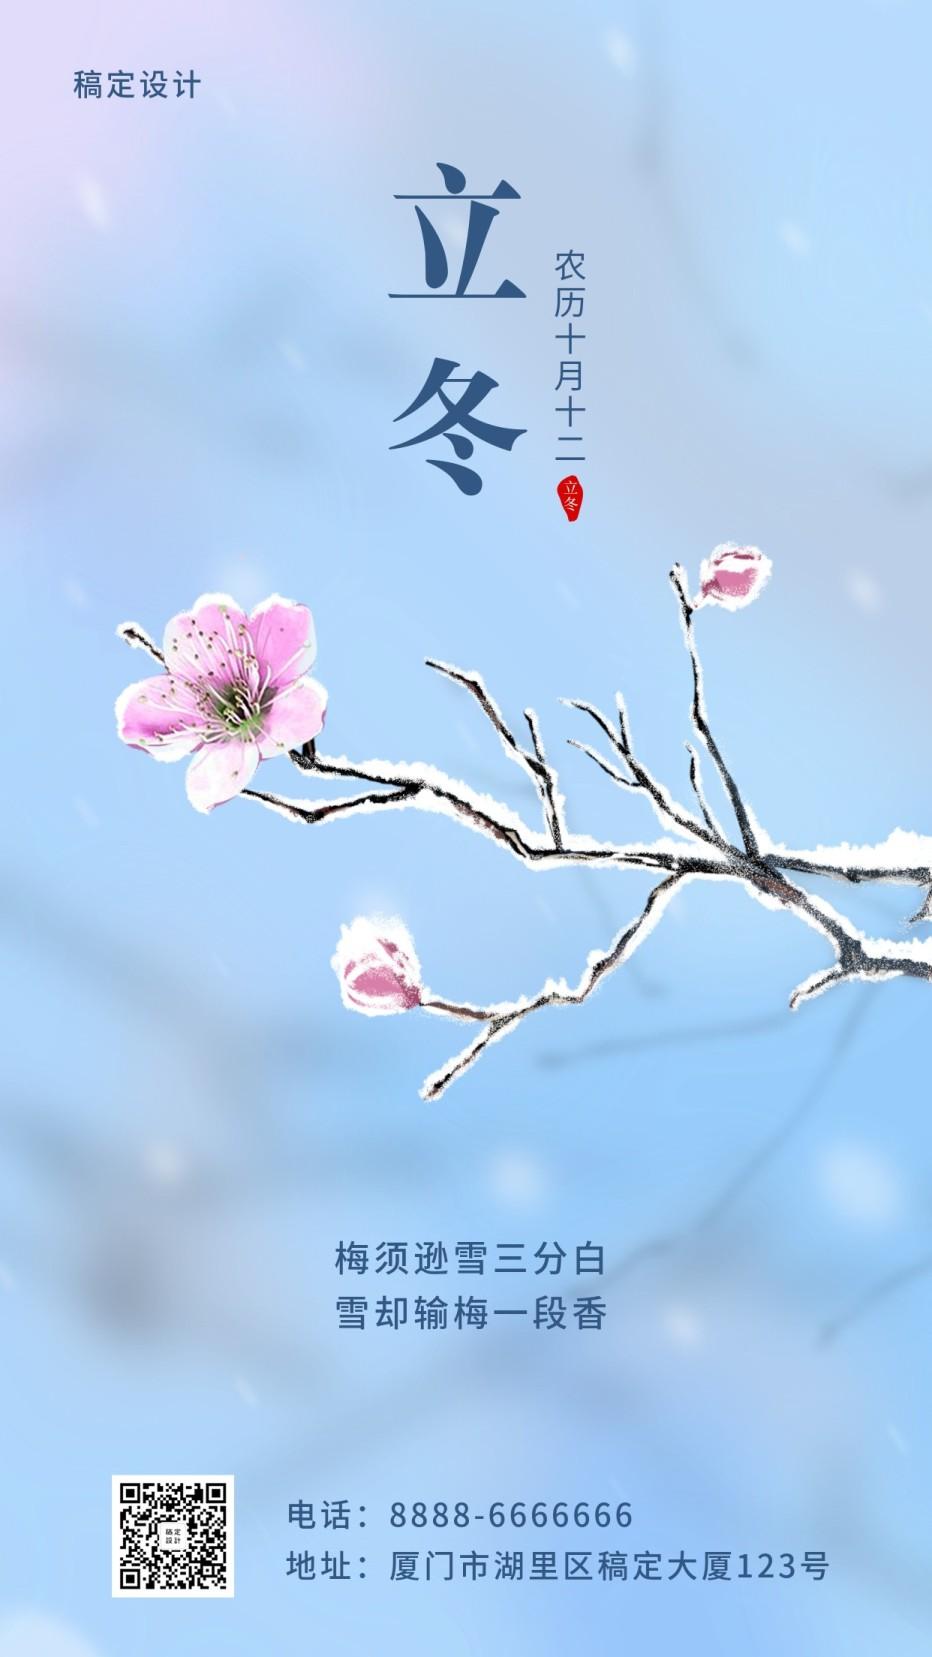 立冬/实景插画/手机海报